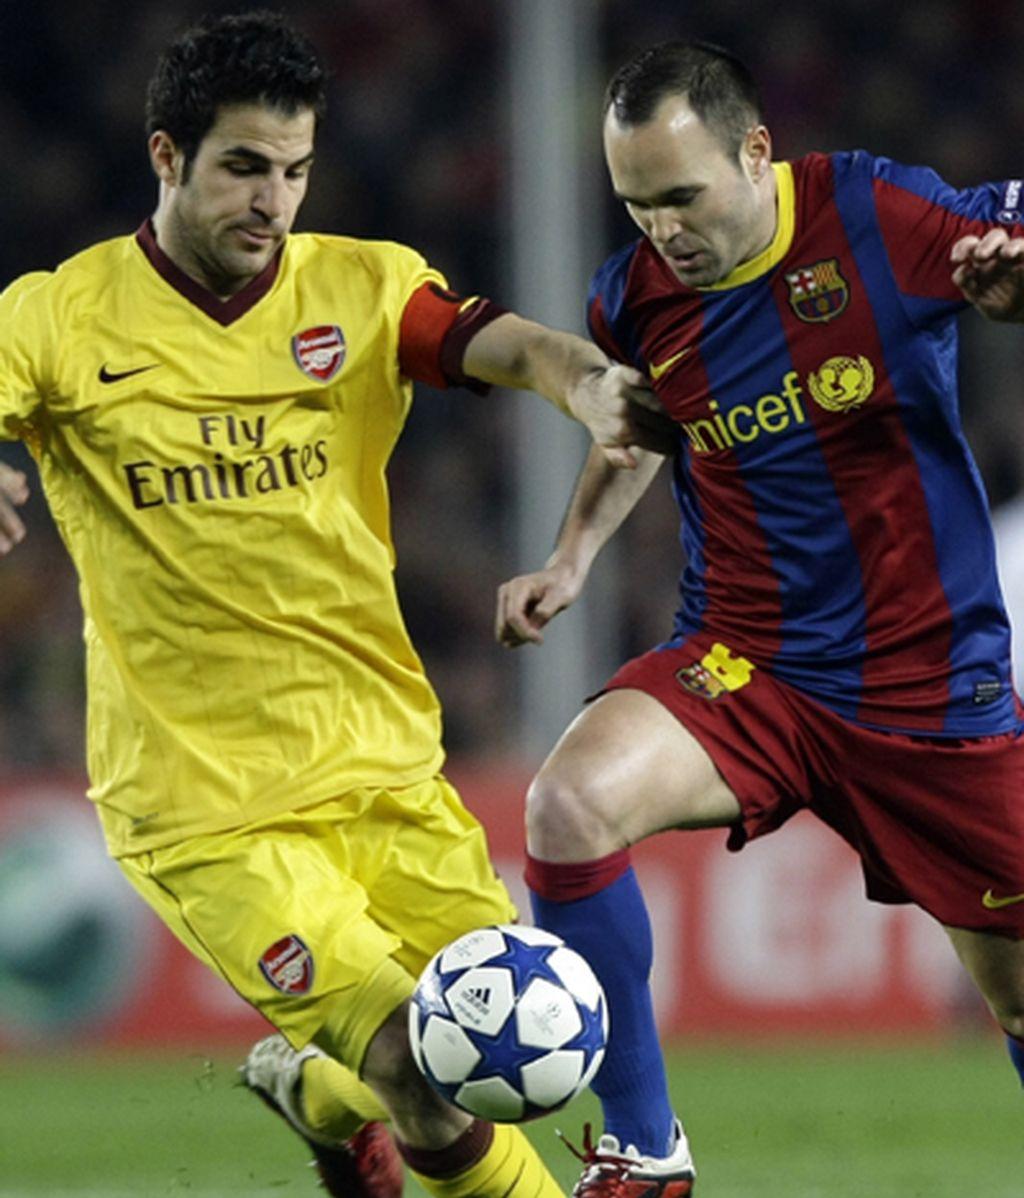 Durante un partido de Champions, jugando contra sus nuevos compañeros del barça